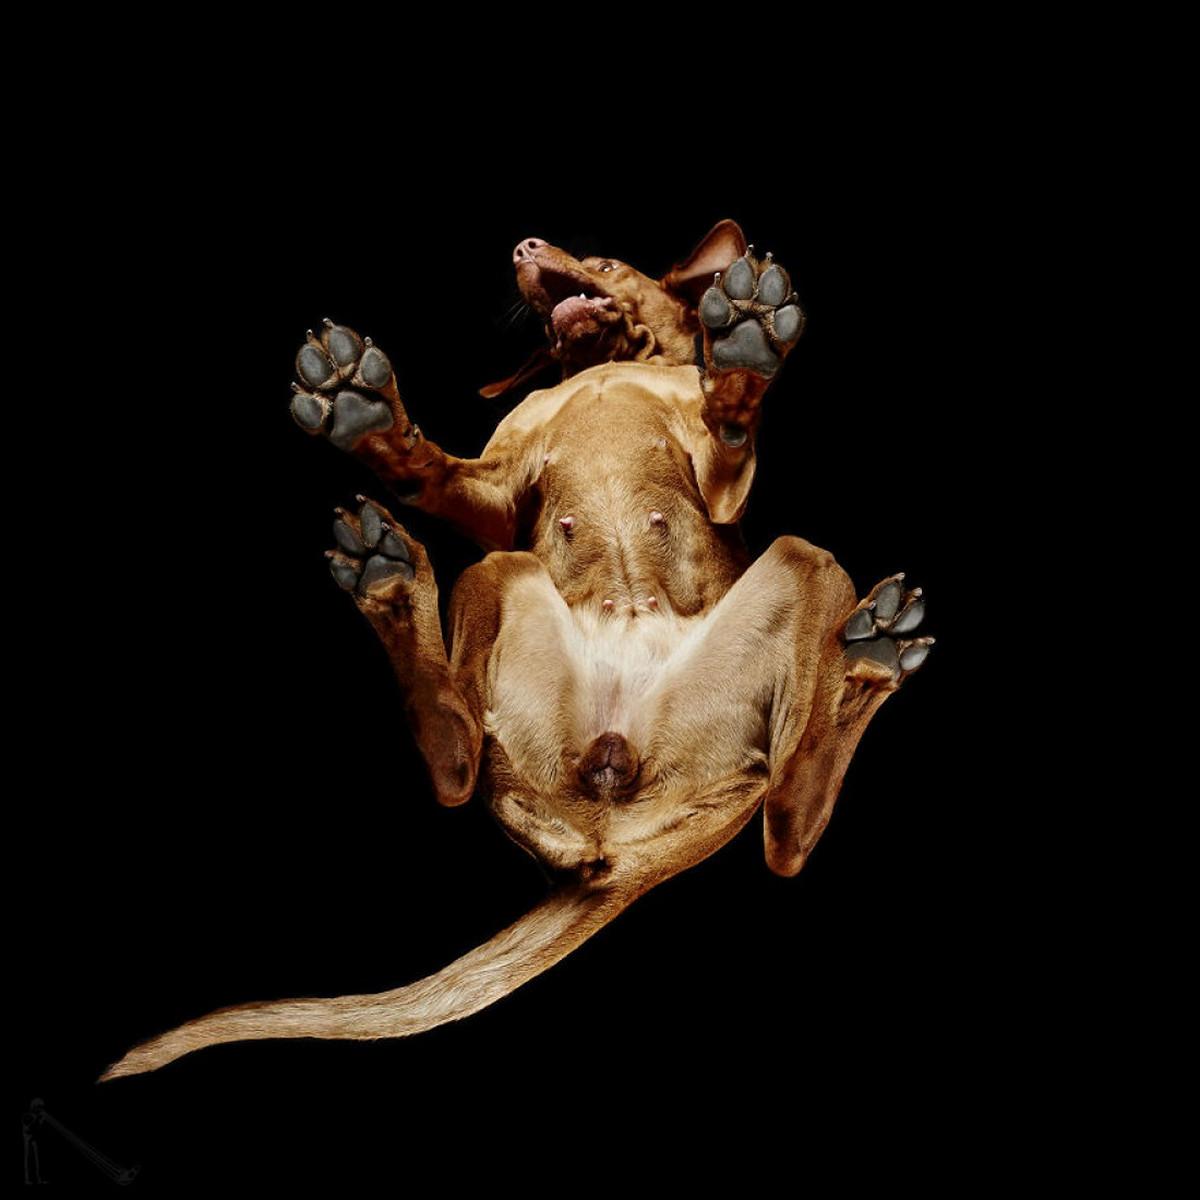 «Взгляд снизу»_ чудные фотографии животных в проекте Андриуса Бурбы 11